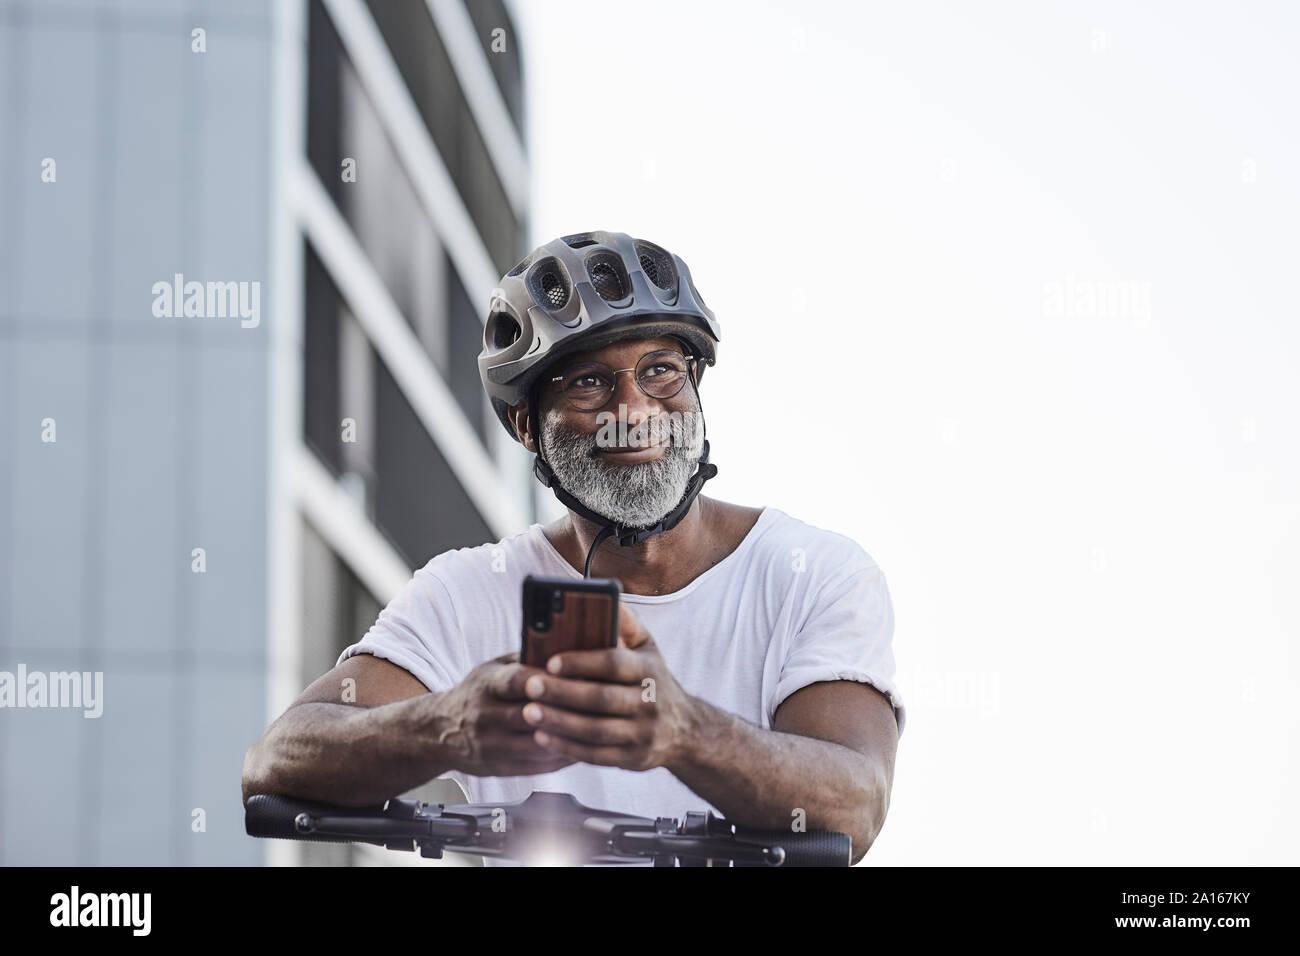 Retrato del hombre maduro feliz llevar casco de ciclista inclinado sobre el manillar de Scooter eléctrico Foto de stock